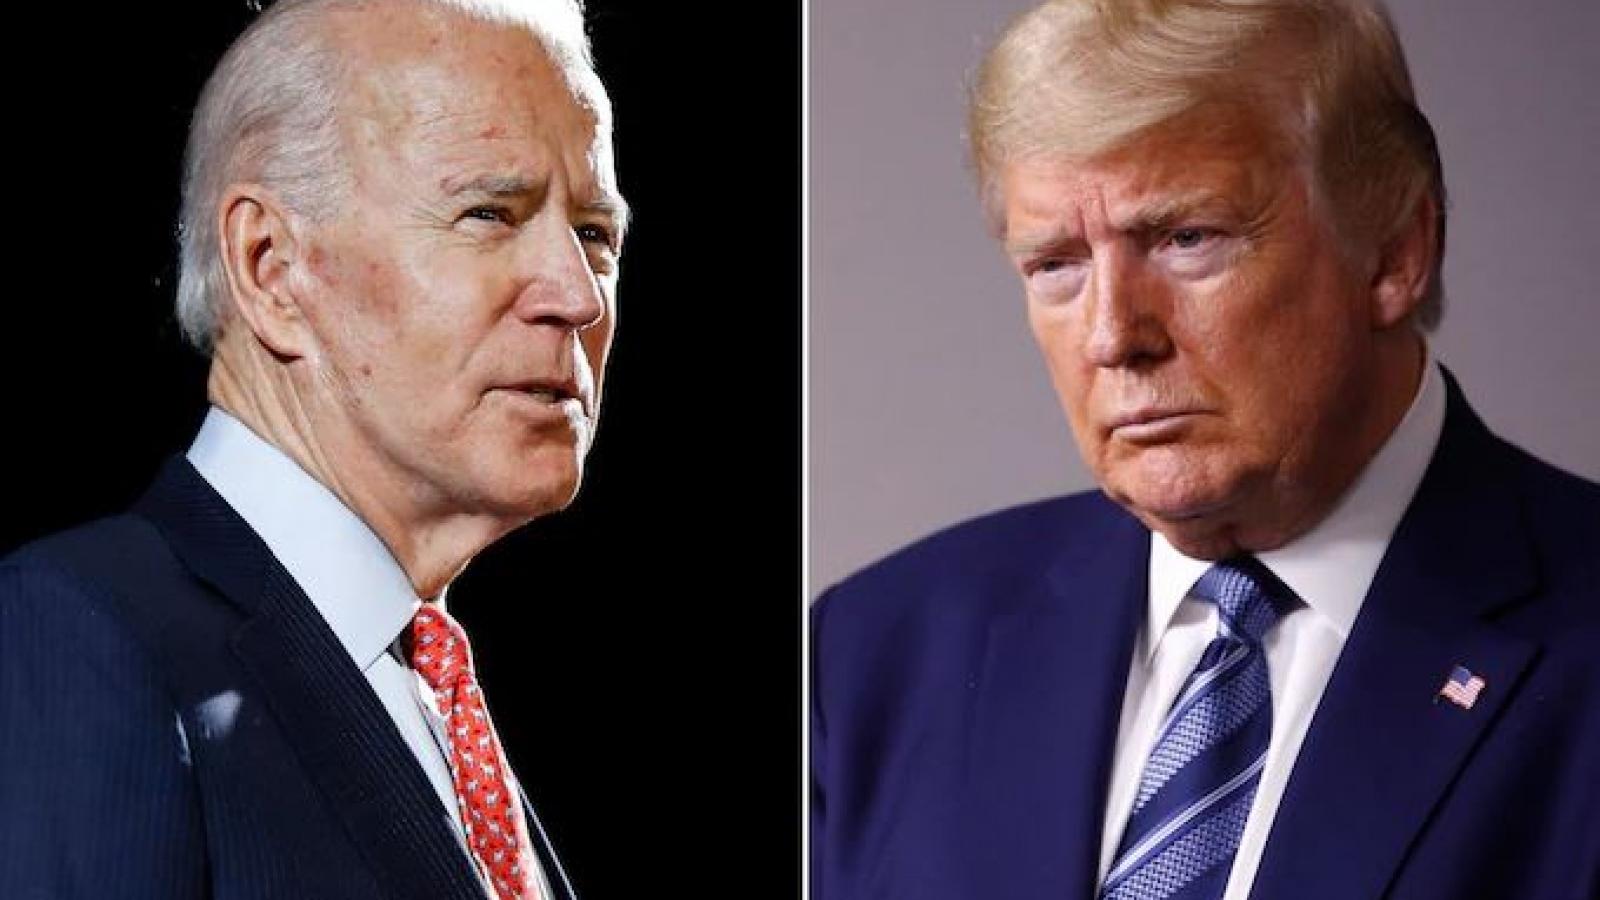 """Chủ đề Trung Quốc """"nóng"""" trong bầu cử Mỹ: Tầm nhìn chiến lược hay chiêu bài chính trị?"""